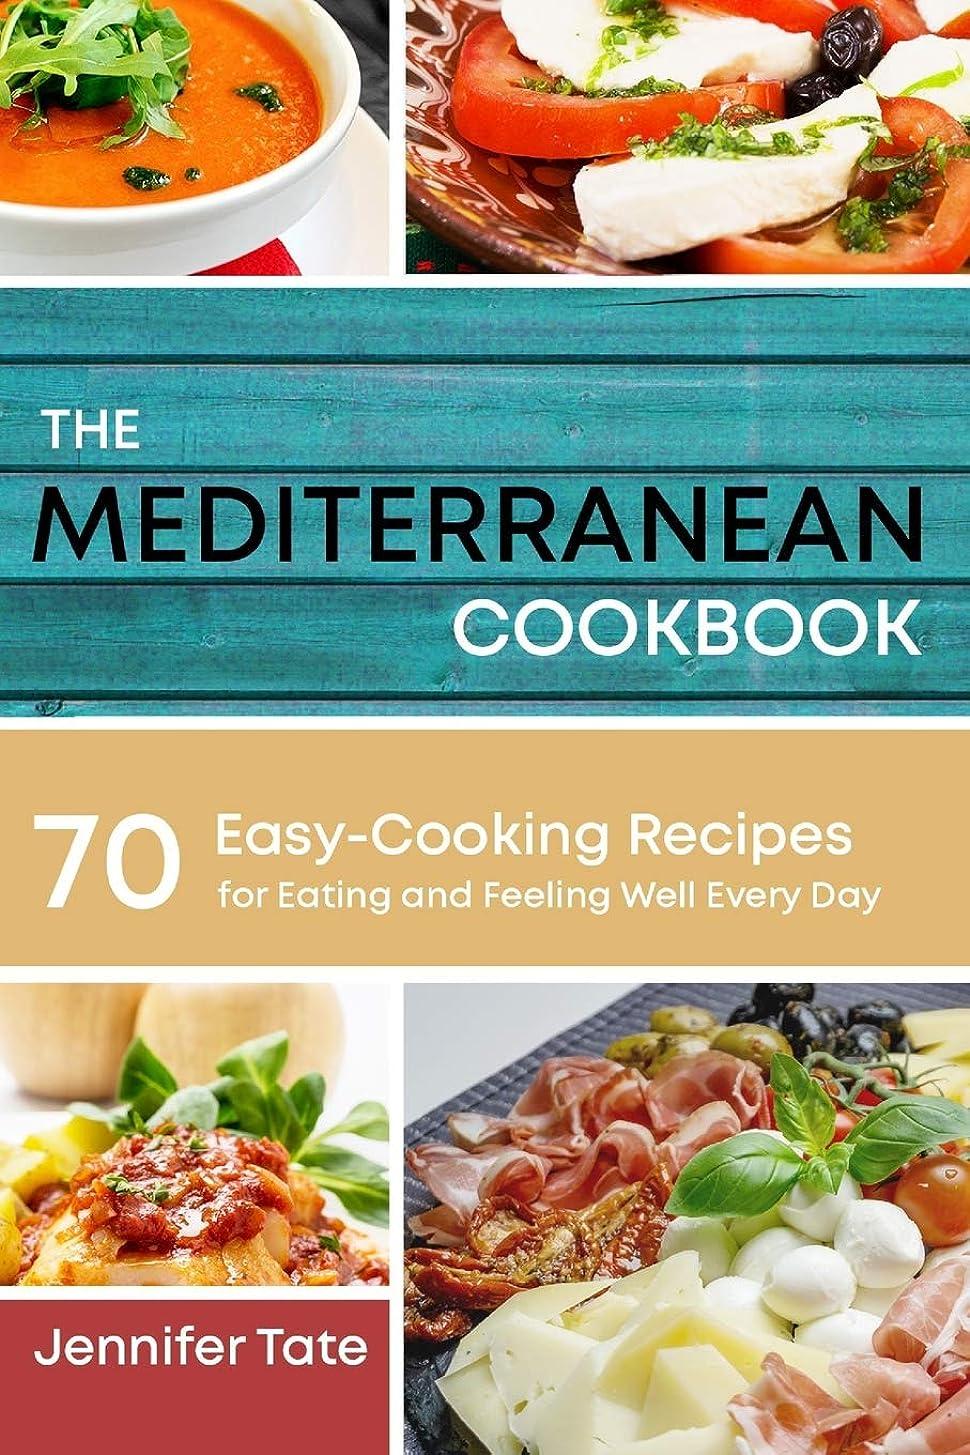 閉じる座標慎重The Mediterranean Cookbook for Healthy Lifestyle: 70 Easy Recipes for Eating and Feeling Well Every Day, 7-Day Meal Plan (Tasty and Healthy)